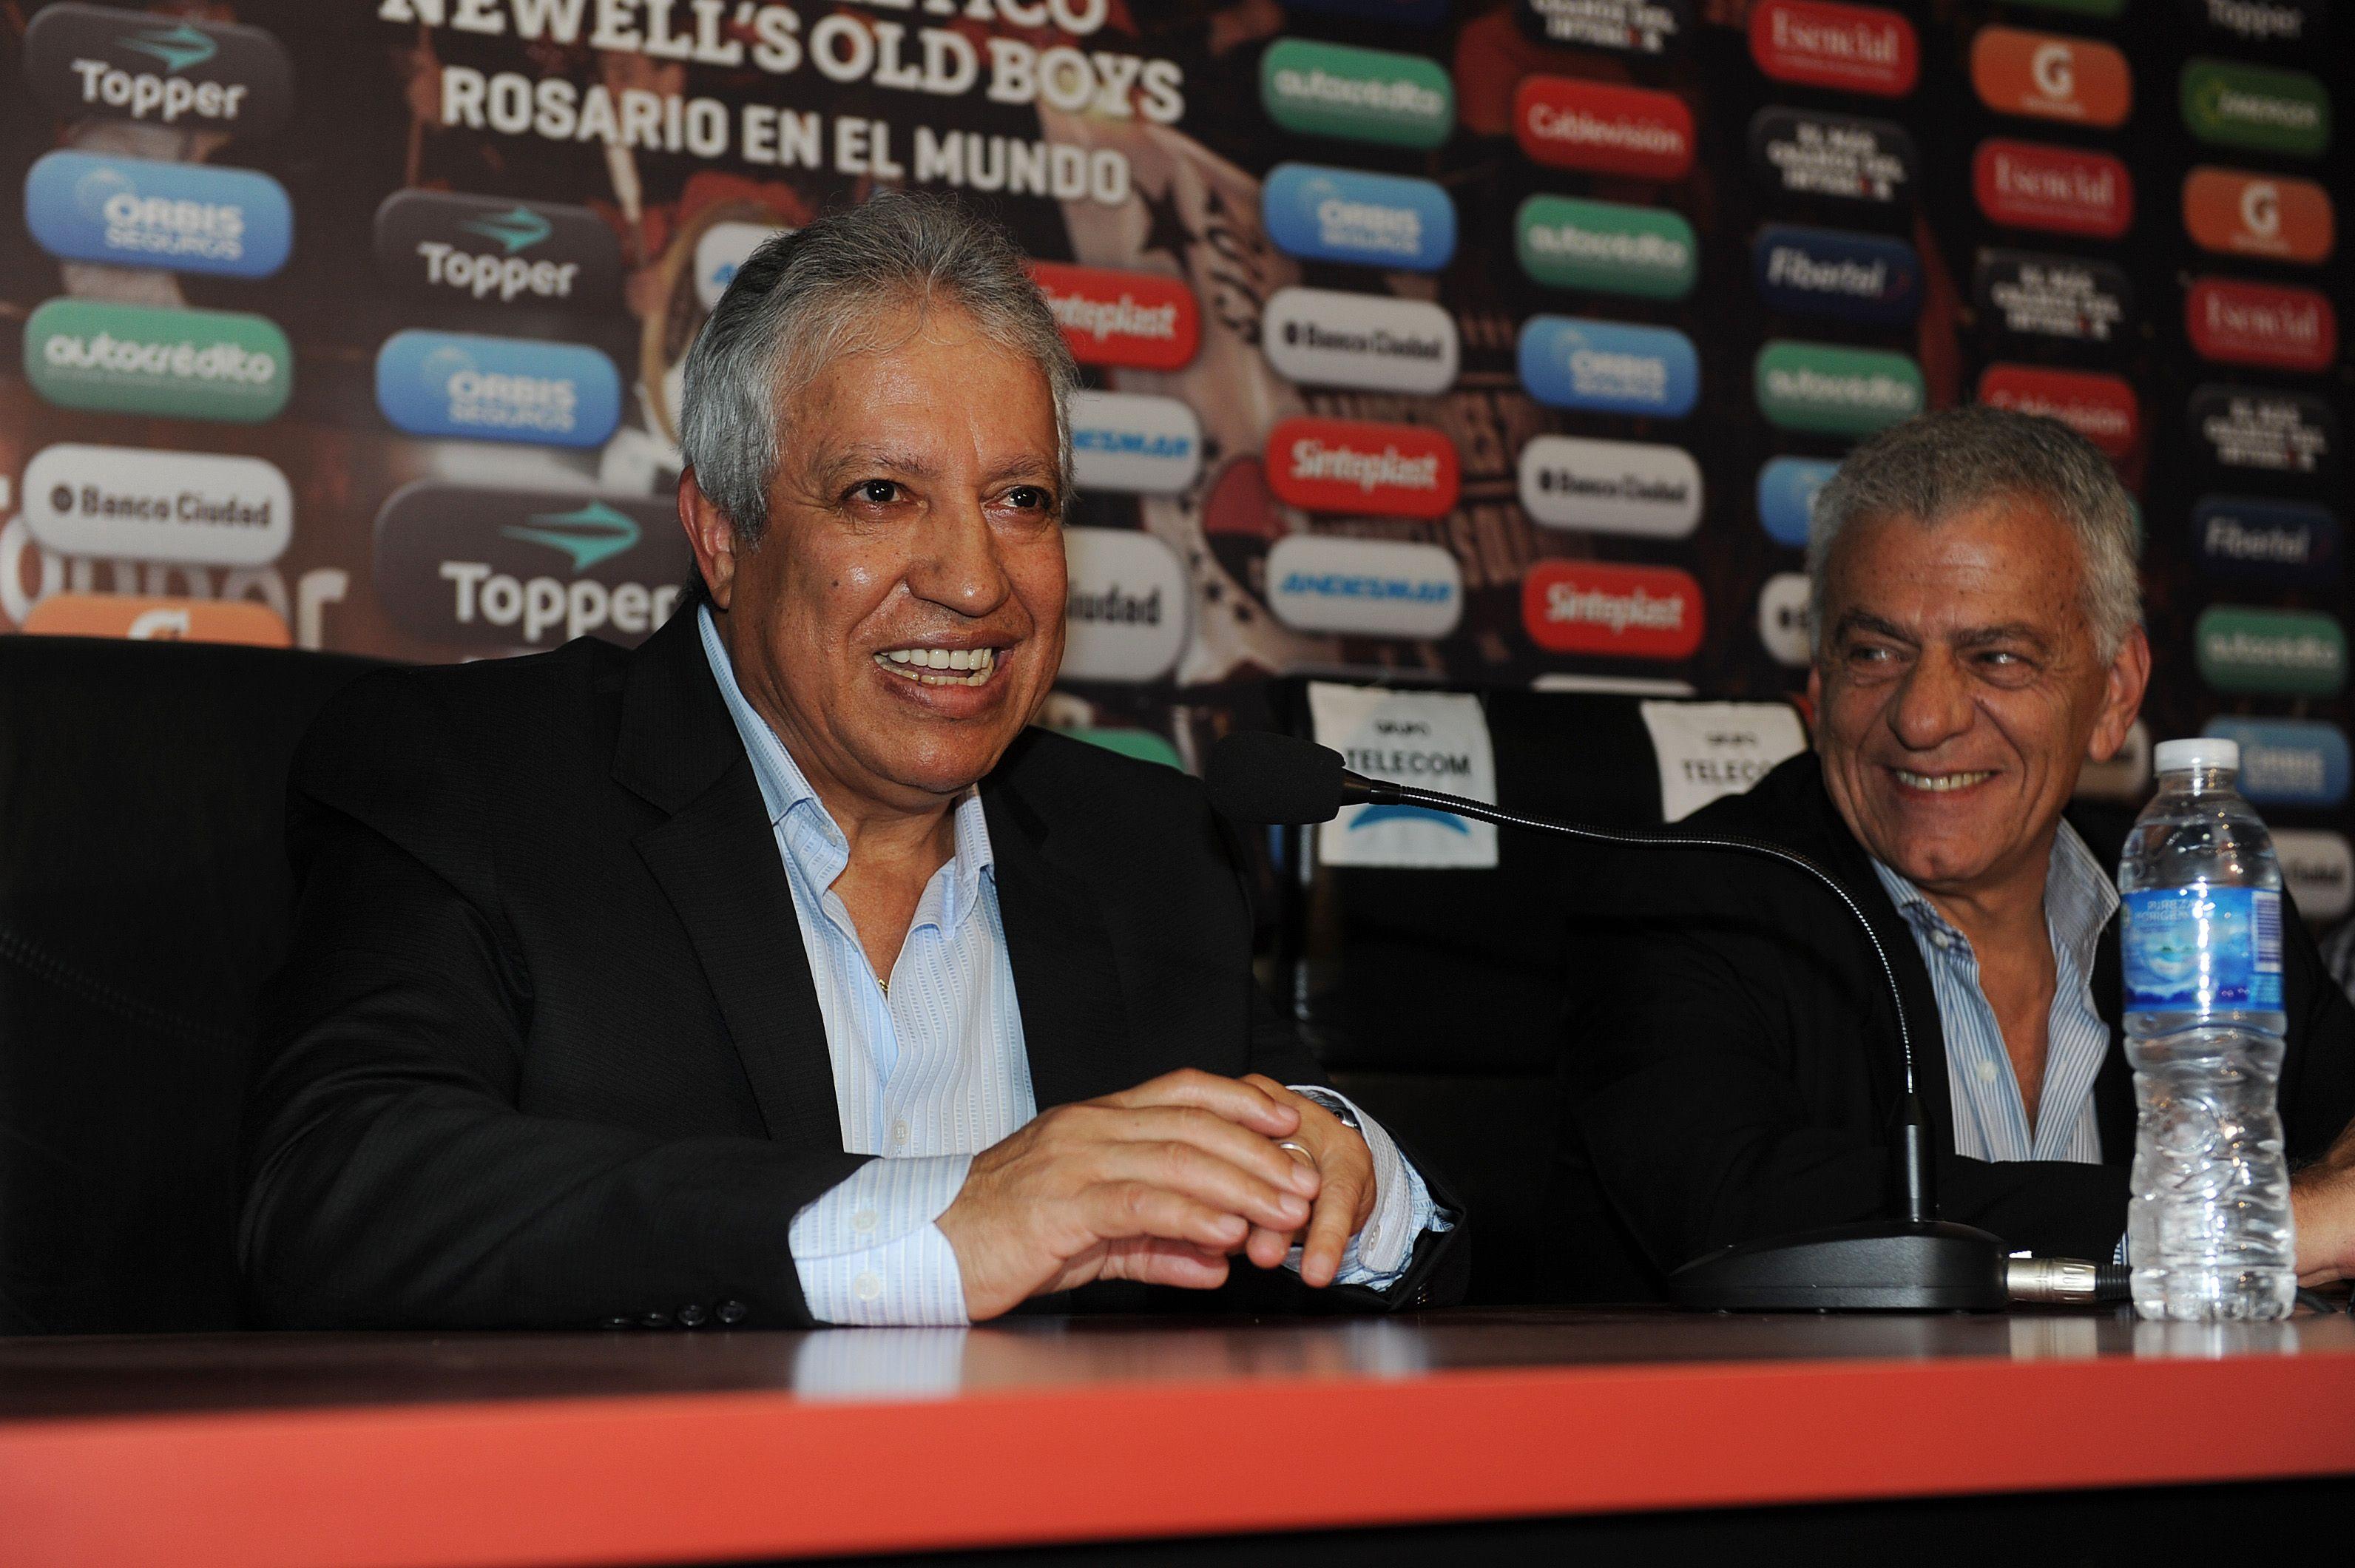 Exultante. El técnico rojinegro está más que conforme con su equipo. (A.Celoria)